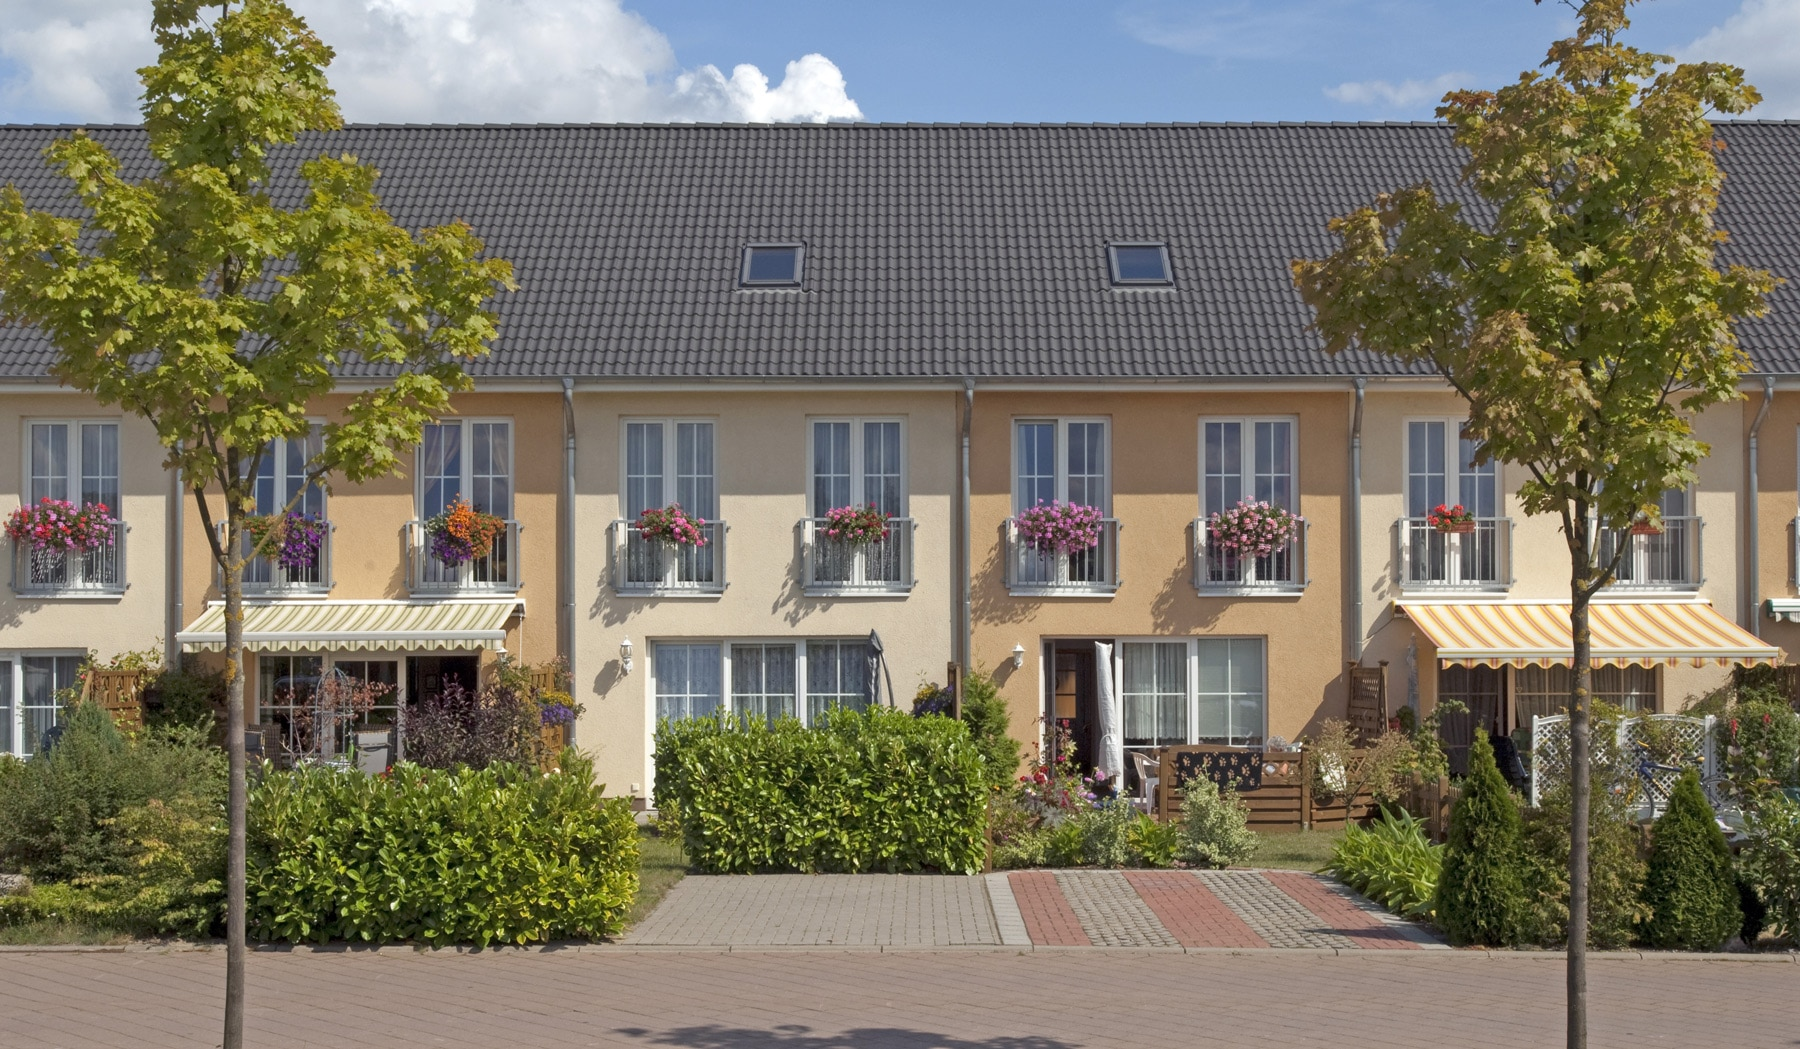 Marktpreiseinschätzung-Immobilie-Haus-Wohnung-kaufen-verkaufen